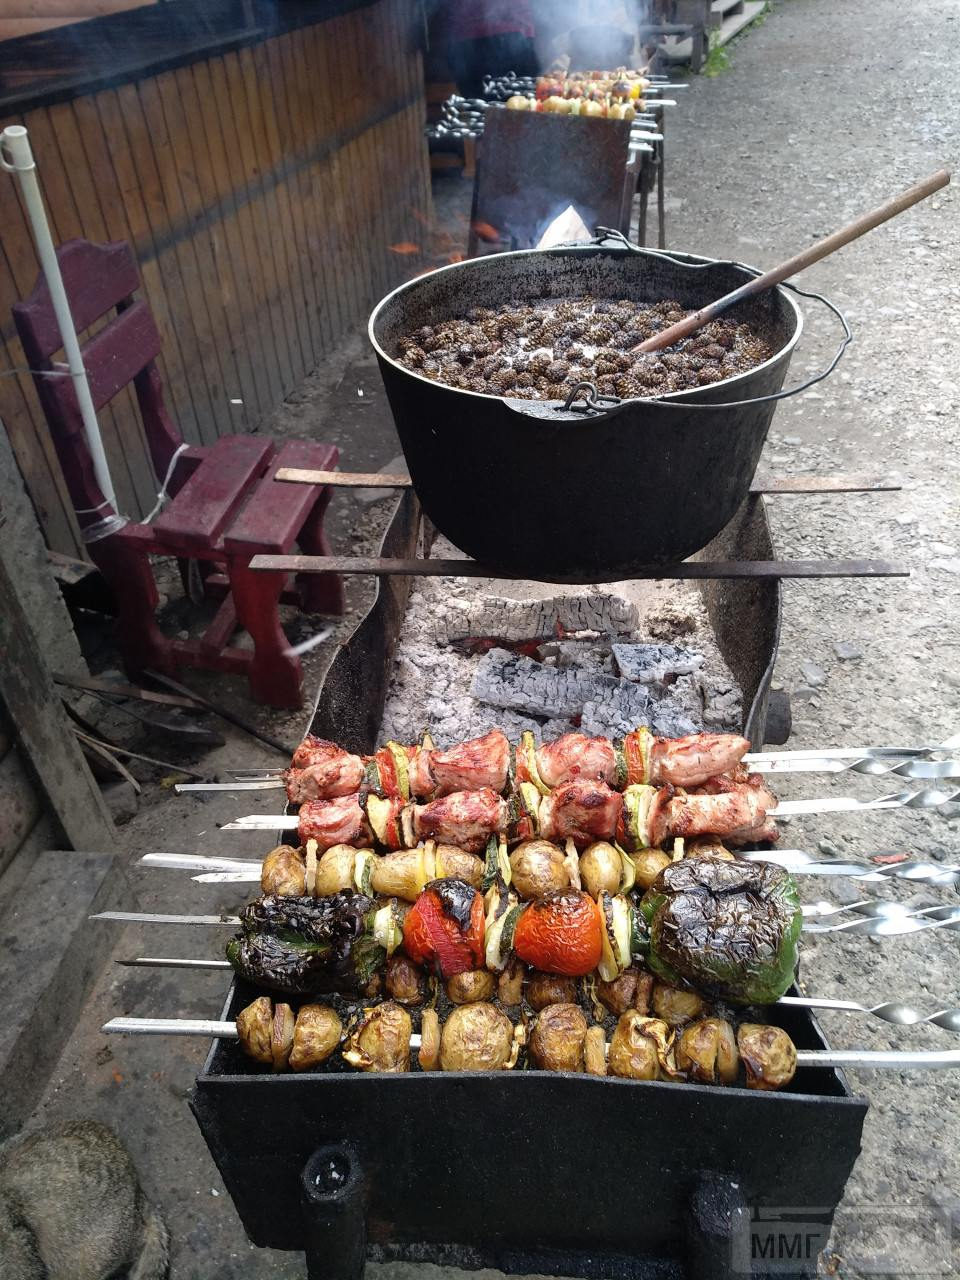 107218 - Закуски на огне (мангал, барбекю и т.д.) и кулинария вообще. Советы и рецепты.